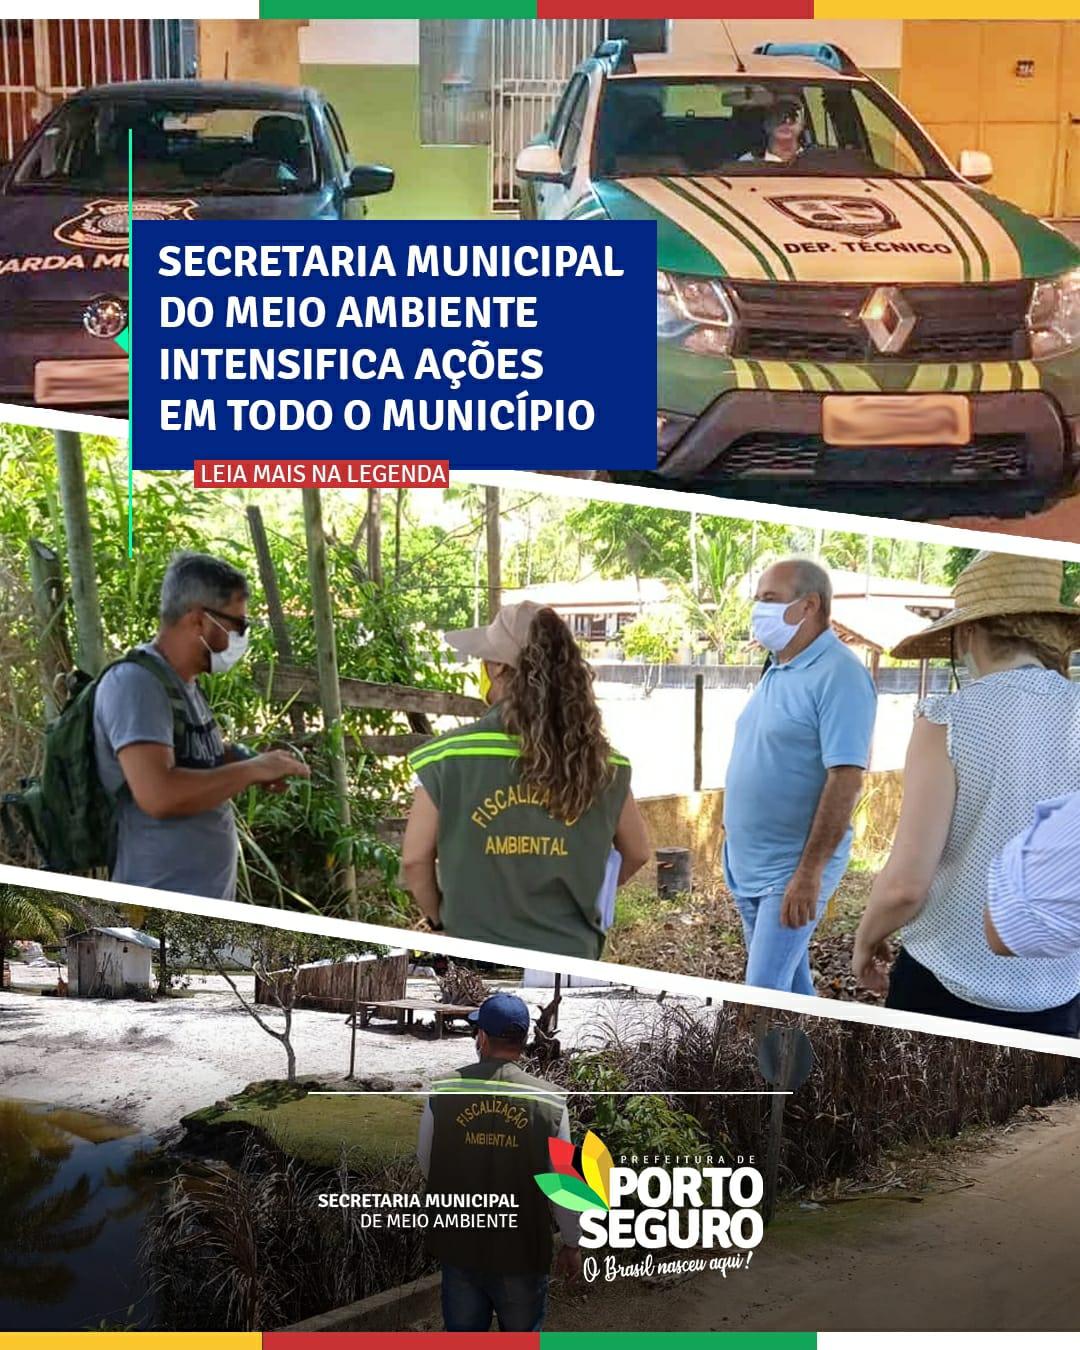 Porto Seguro: Secretaria Municipal de Meio Ambiente intensifica ações em todo o município 18